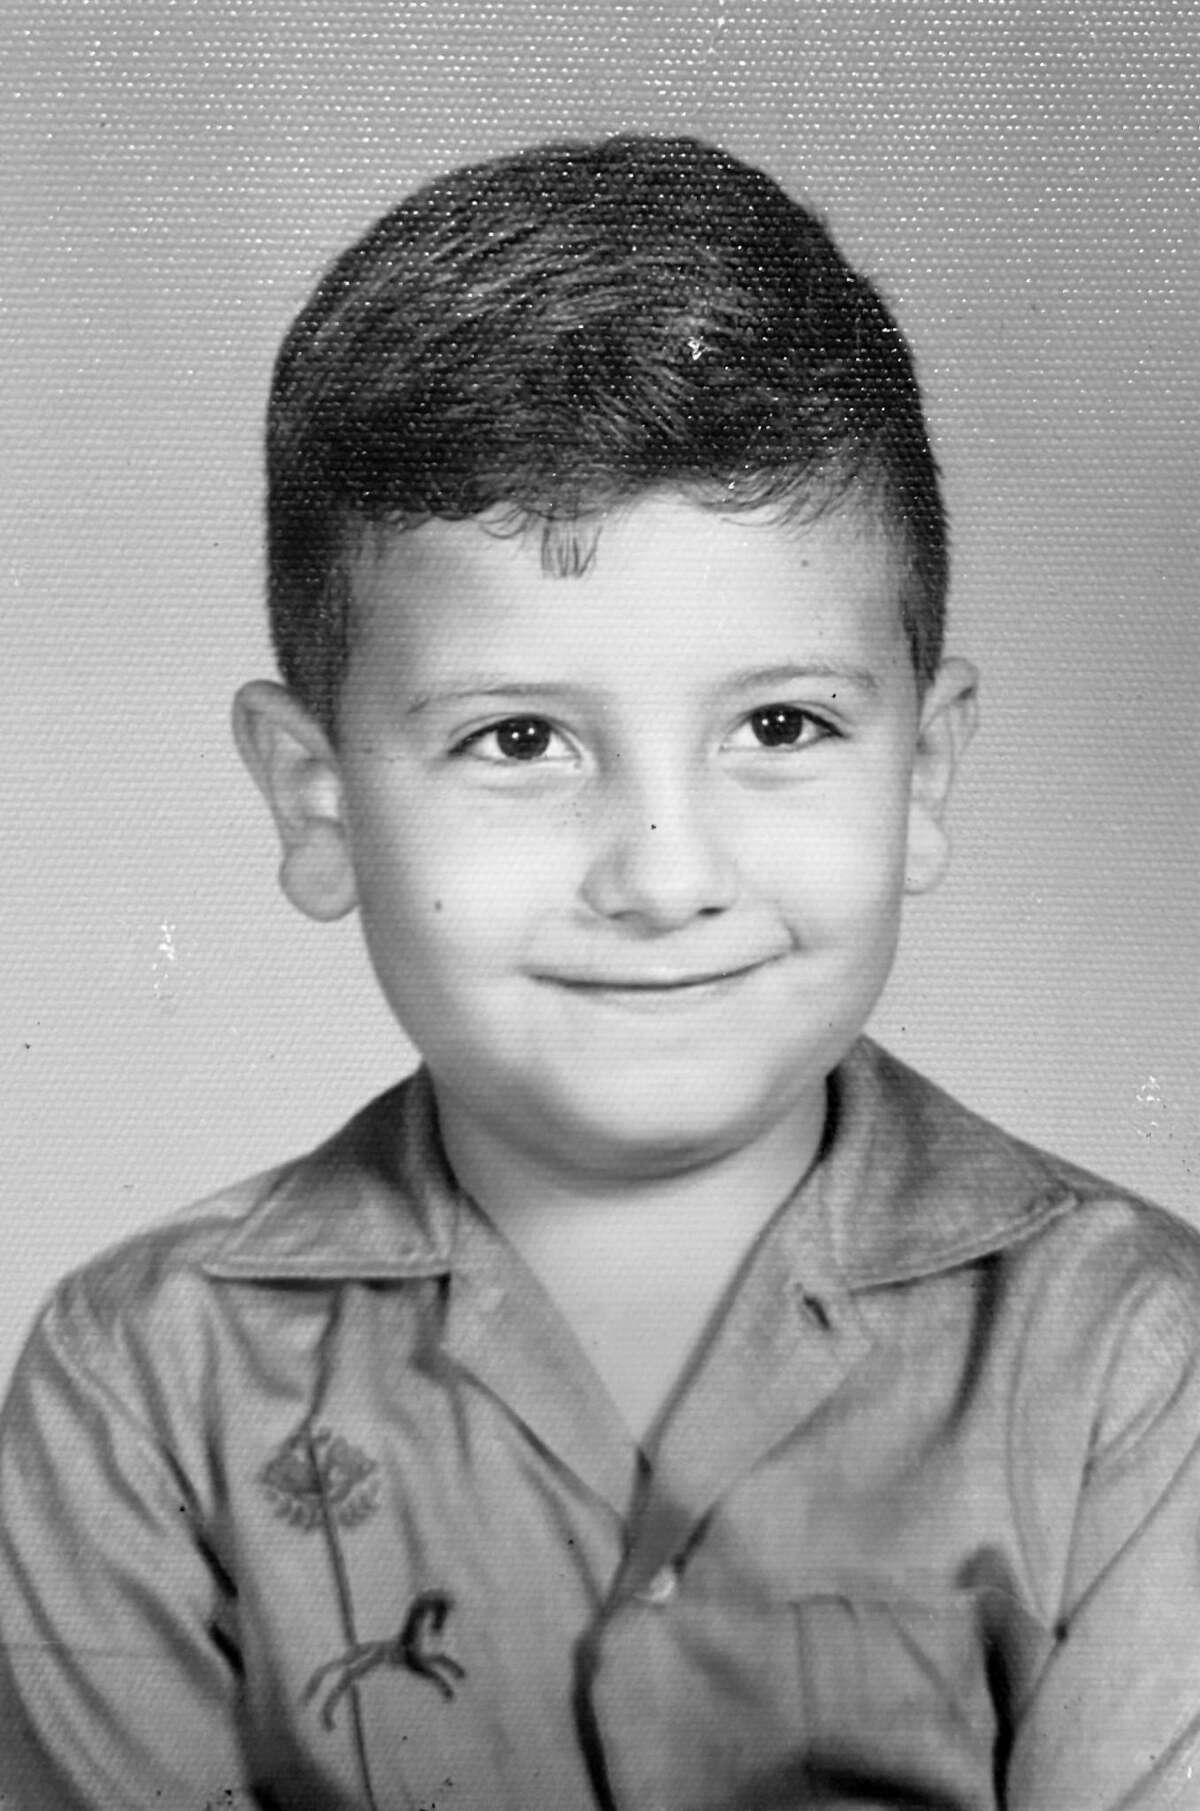 Mario Gerardo Cavazos